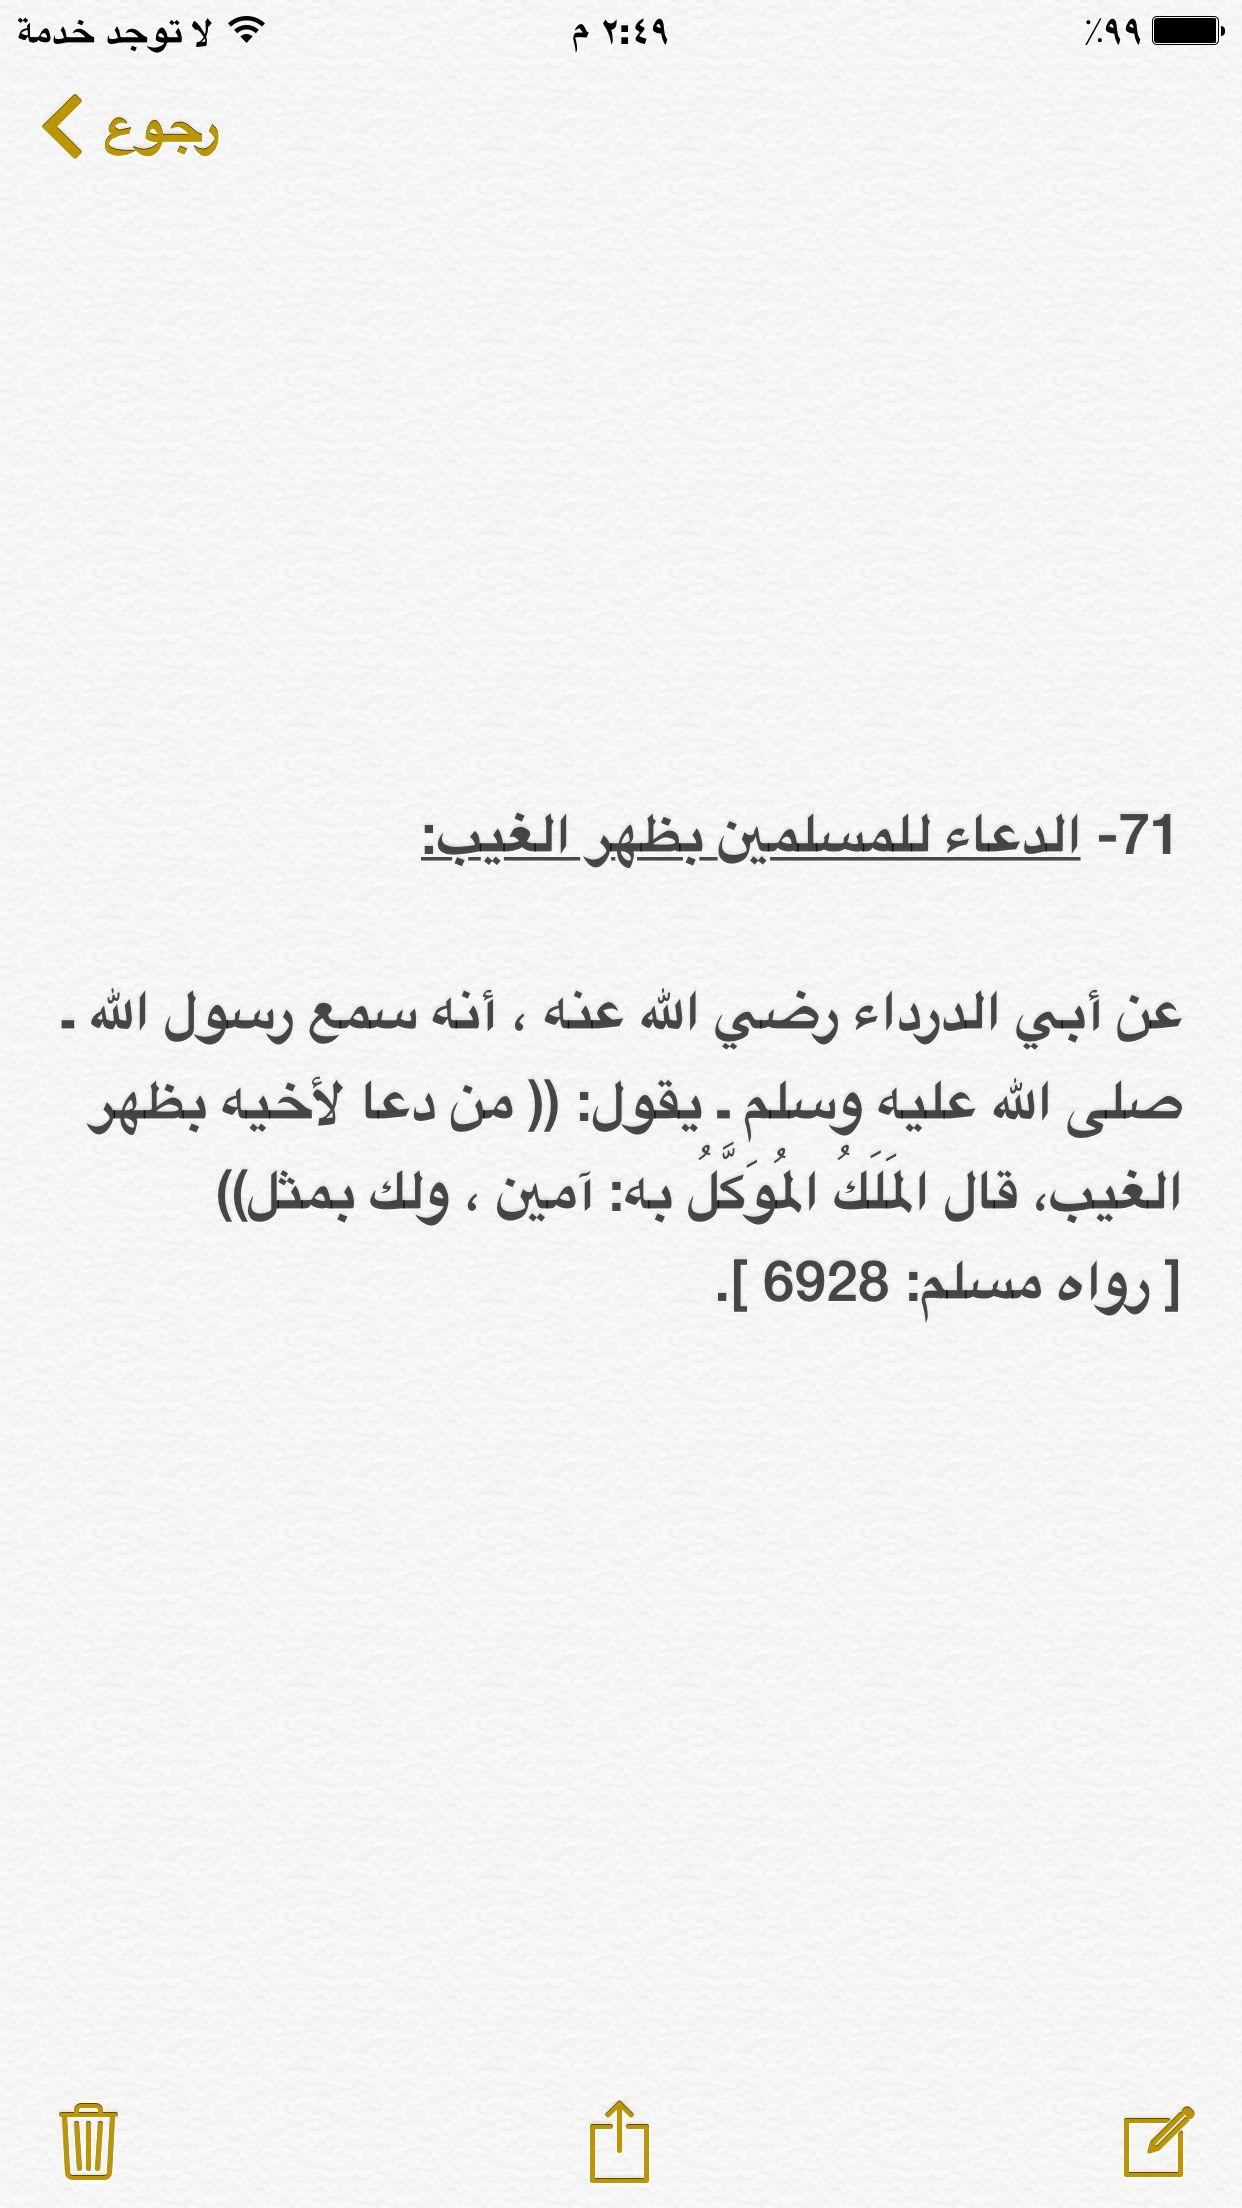 الدعاء للمسلمين بظهر الغيب Quotes Math Jouy